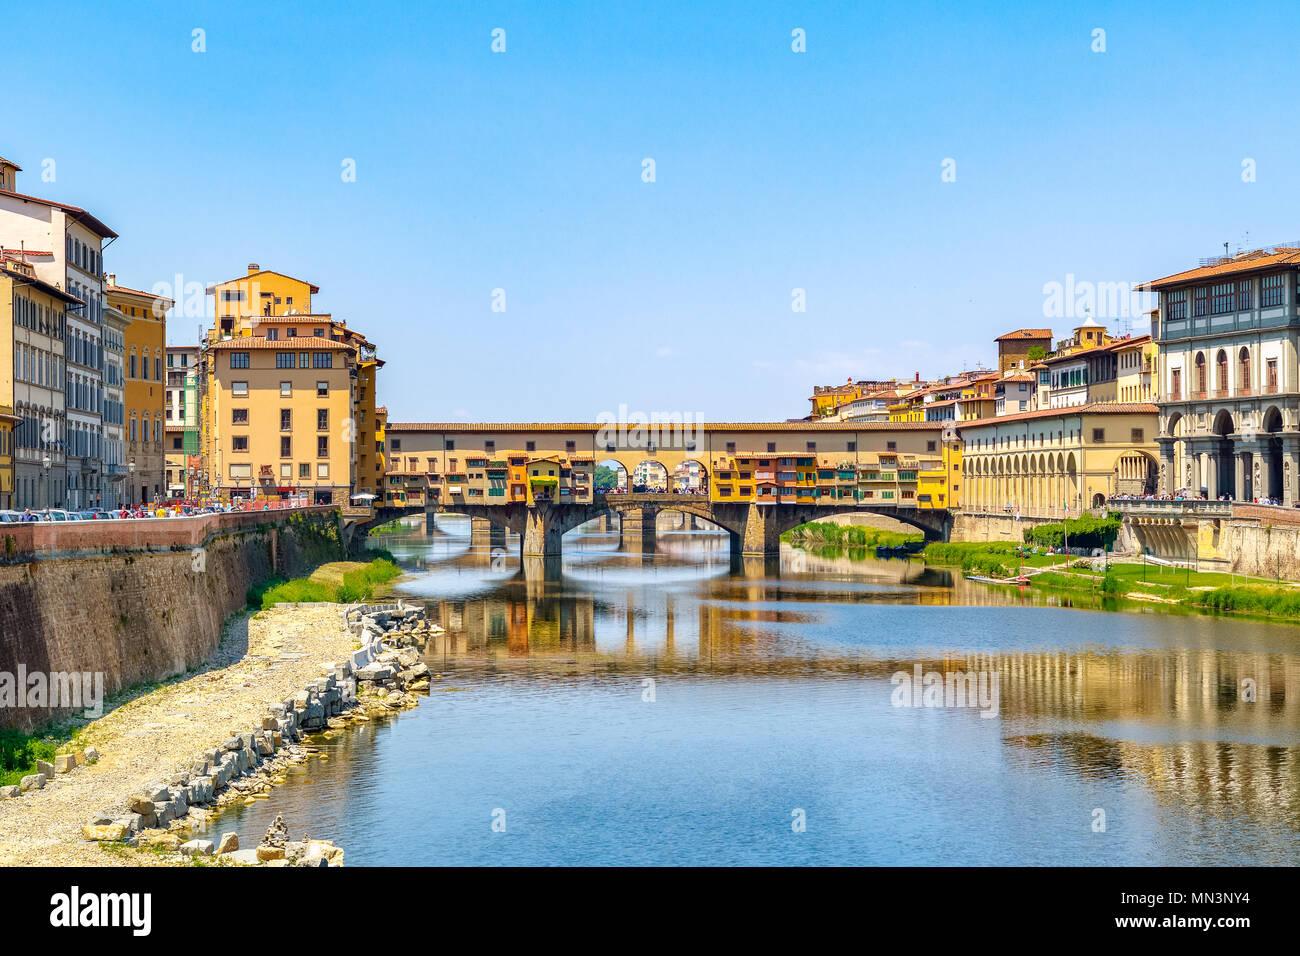 Le Ponte Vecchio (Vieux Pont) au cours de l'Arno à Florence, Italie contre un ciel sans nuages Photo Stock